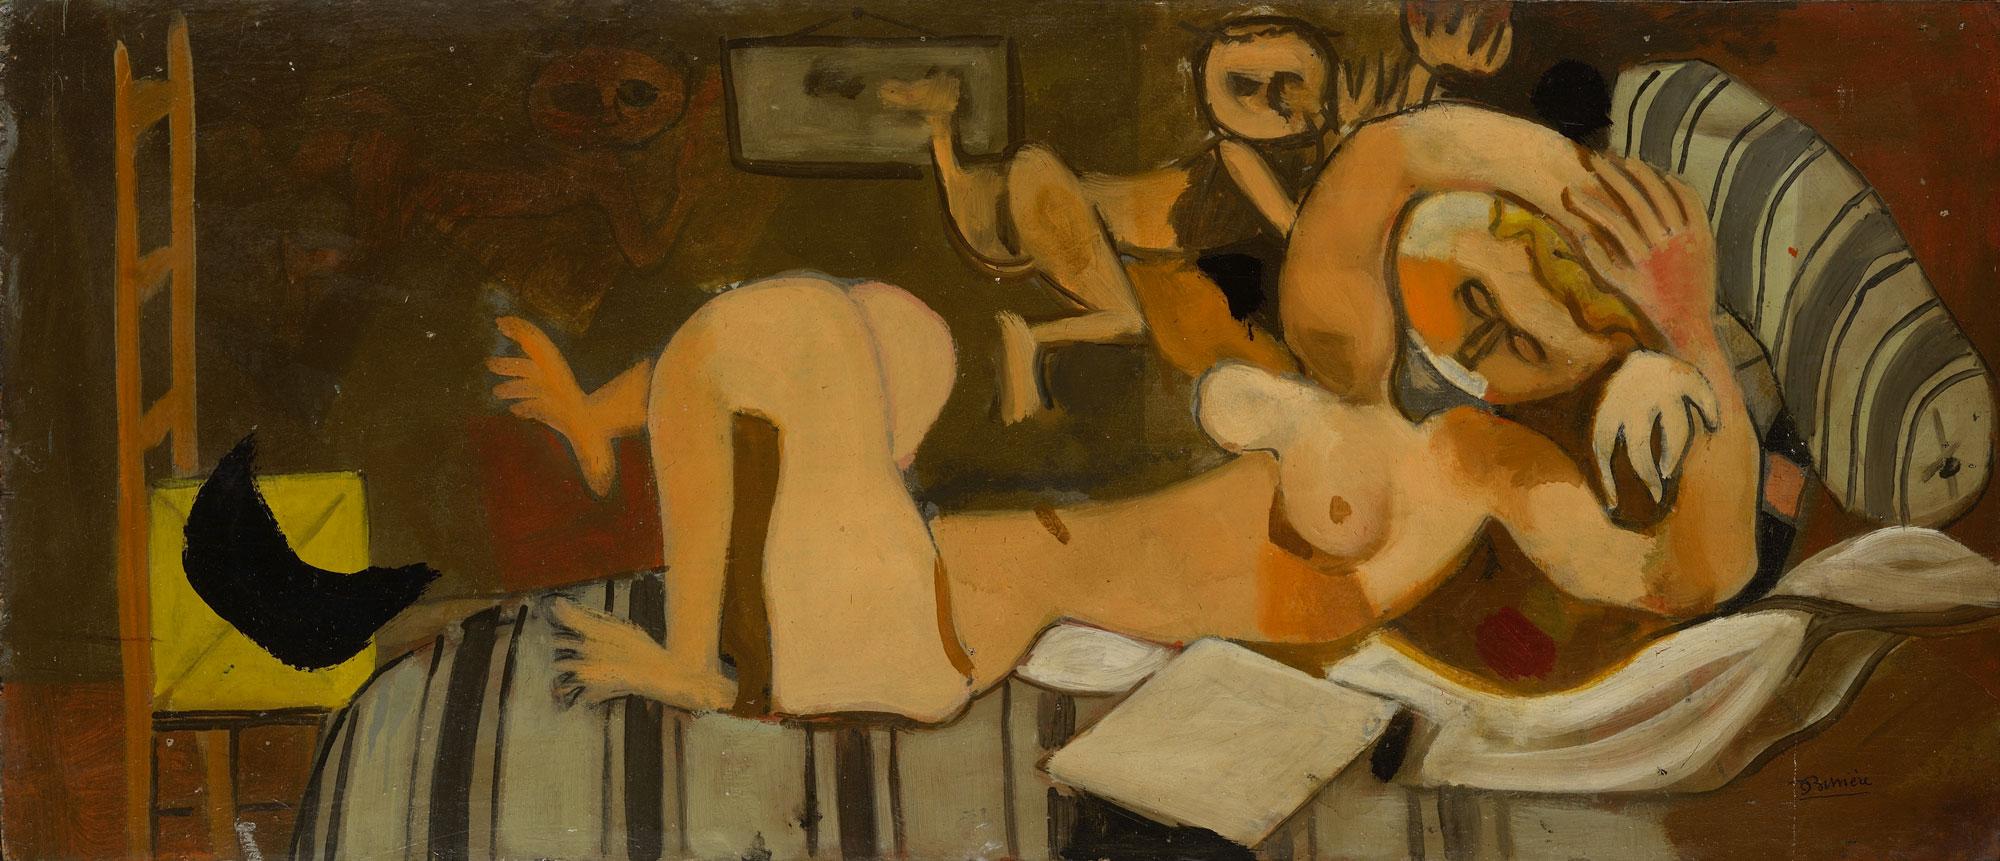 Nu couché, 1936 - Huile sur contreplaqué, 46 x 107 cm - Coll. Part. - Bissière cat. raisonné n° 895